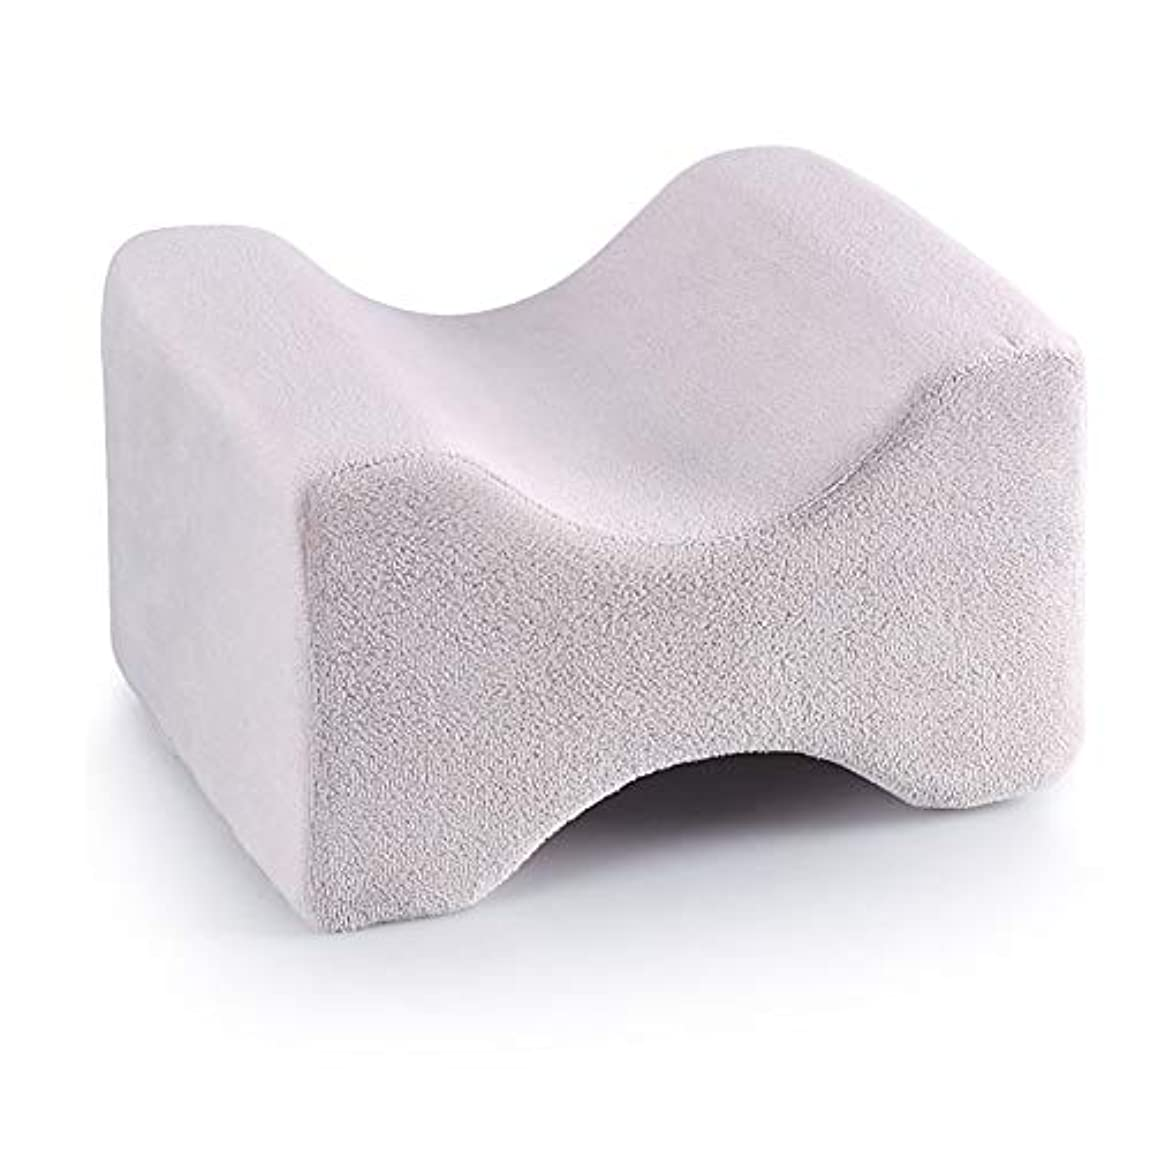 冷淡なダルセットレンダー3パック整形外科用膝枕用リリーフ、取り外し可能な洗えるカバー、低反発ウェッジの輪郭を促し、睡眠を促進し、血液循環を改善